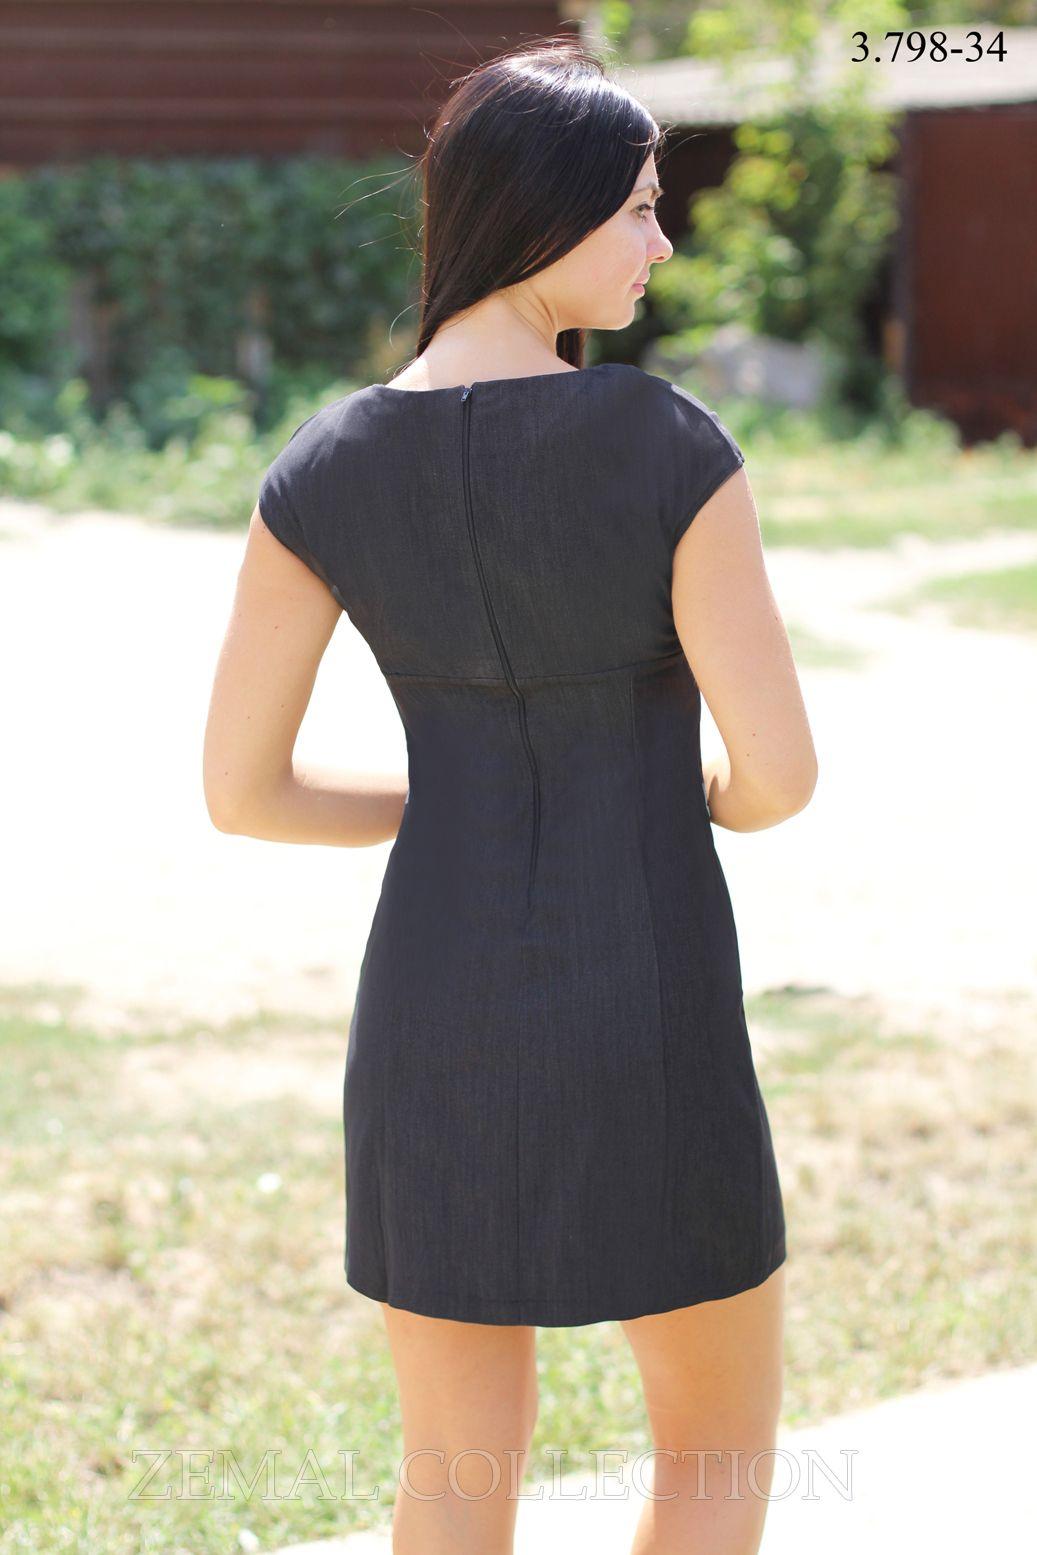 Сукня 3.798 купить на сайте производителя